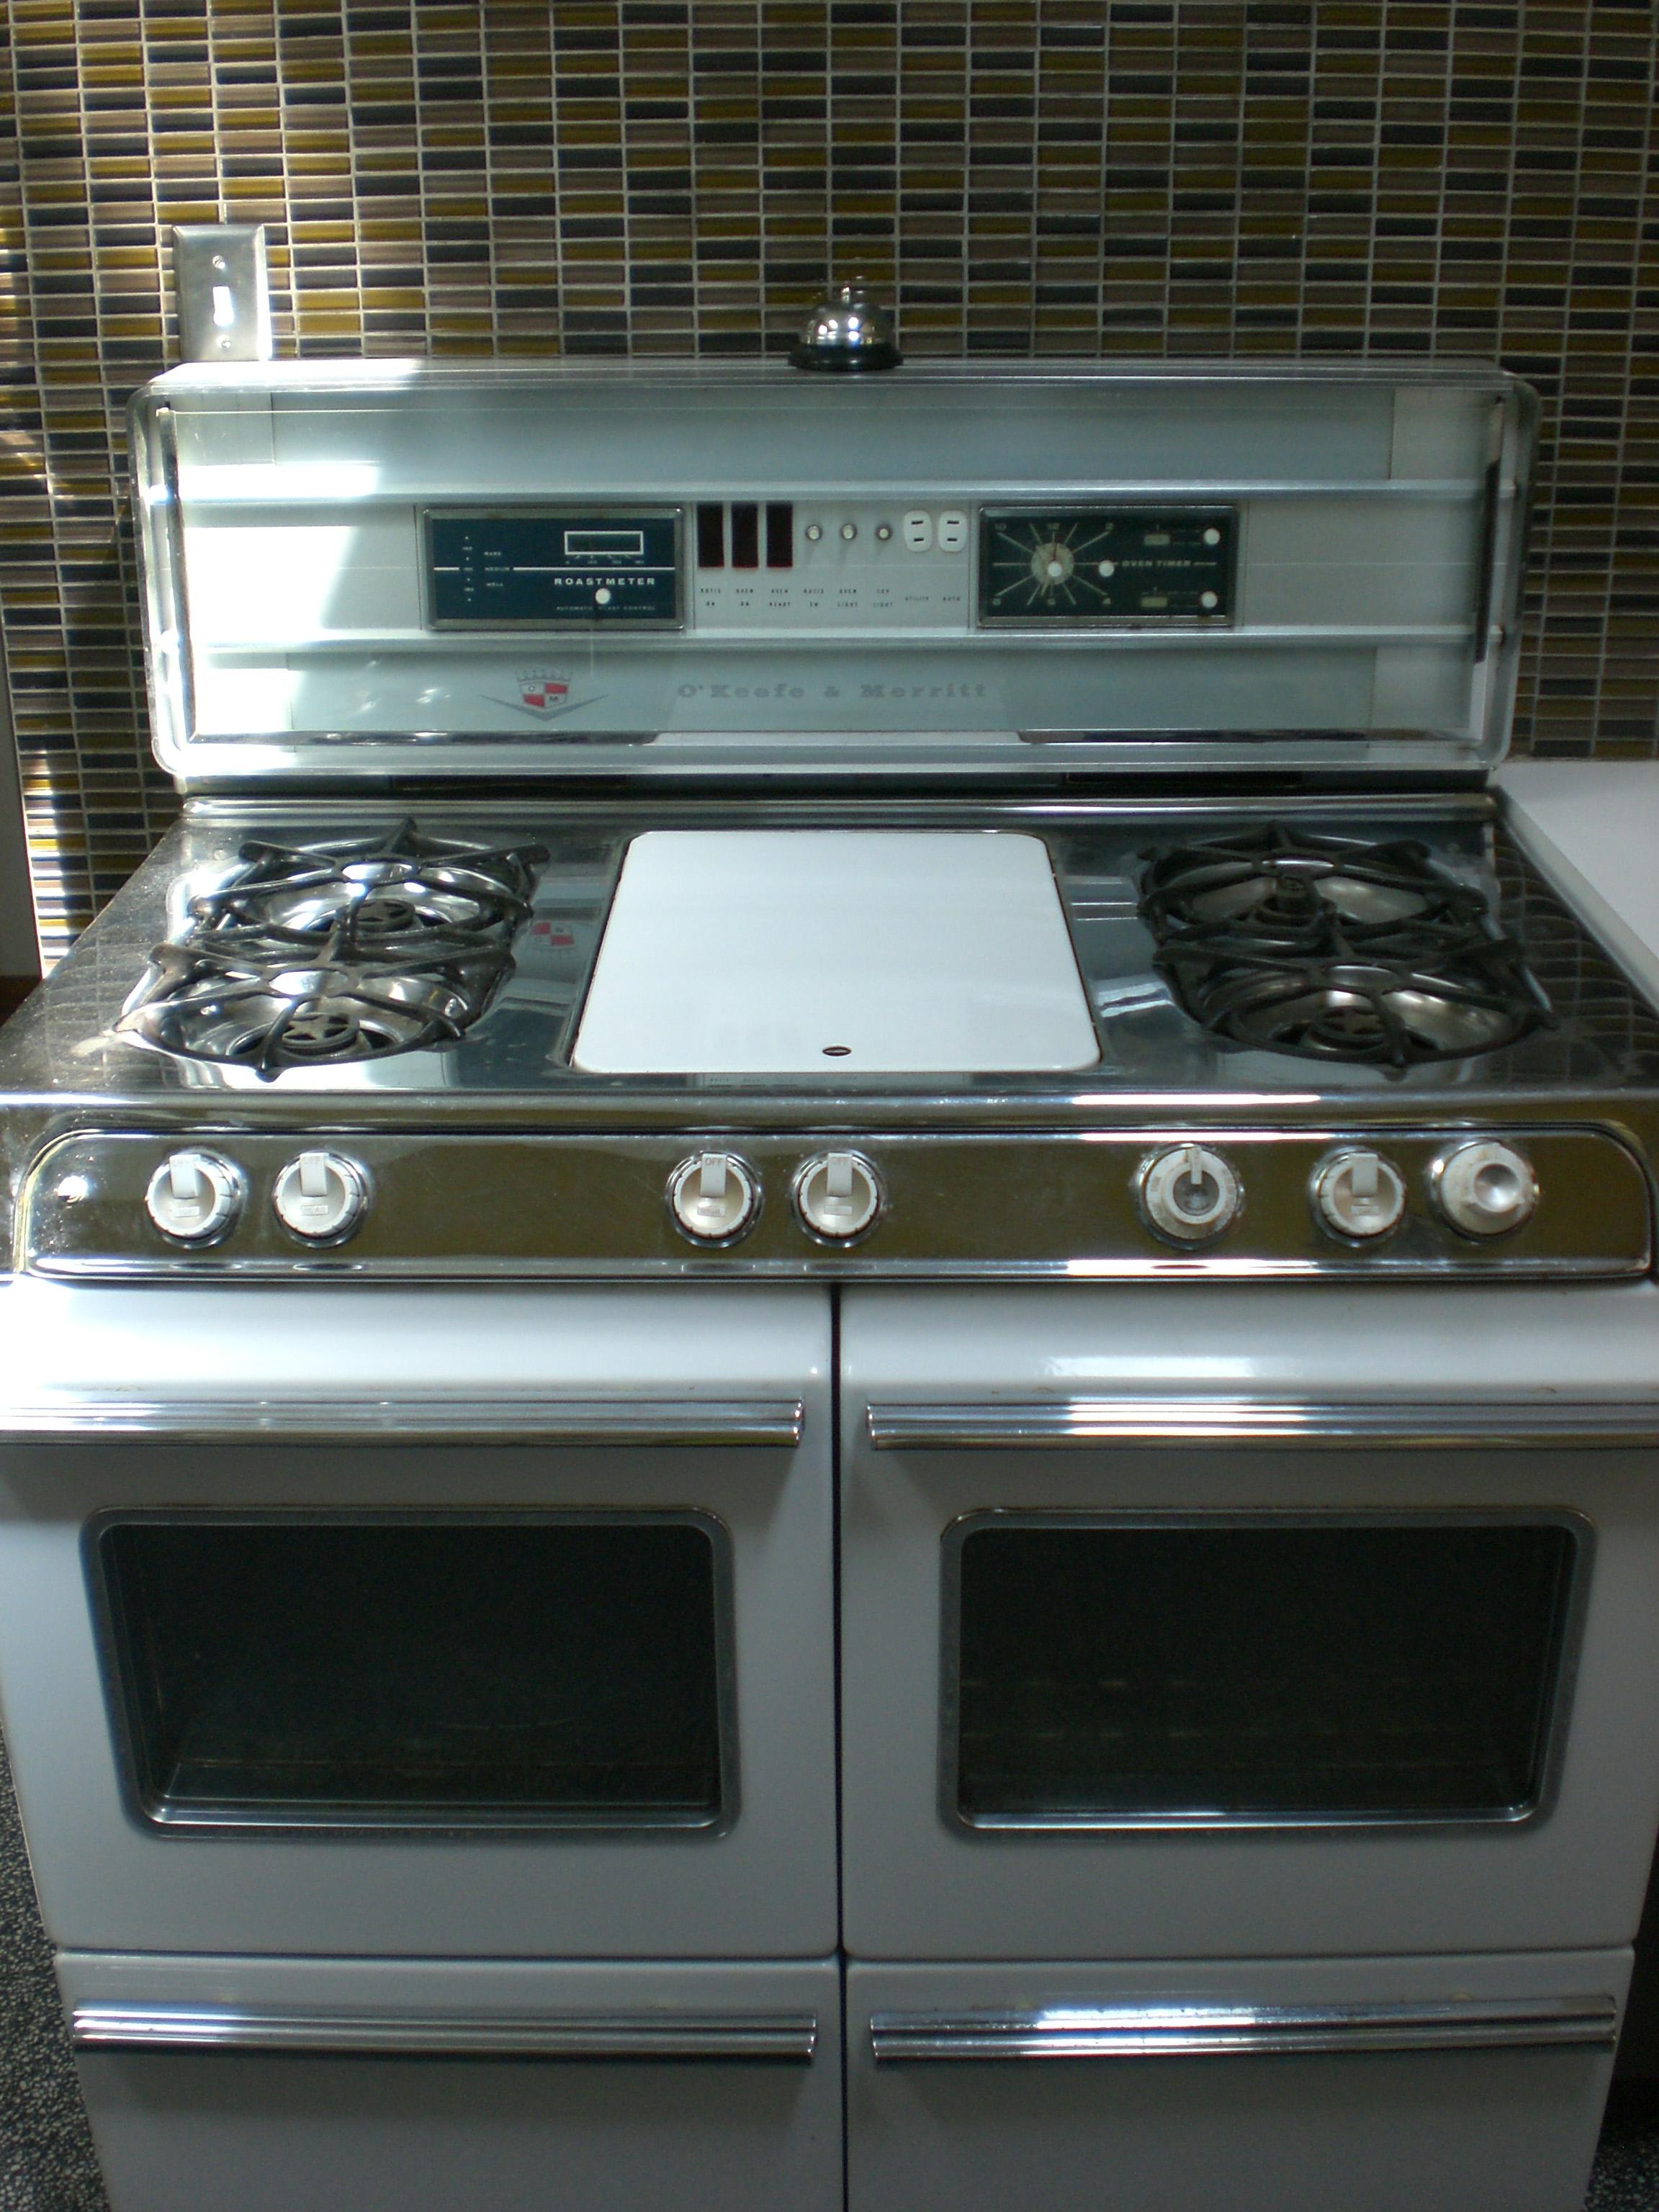 Kitchen Details: O'Keefe & Merritt Stove | Miller Beach Modern